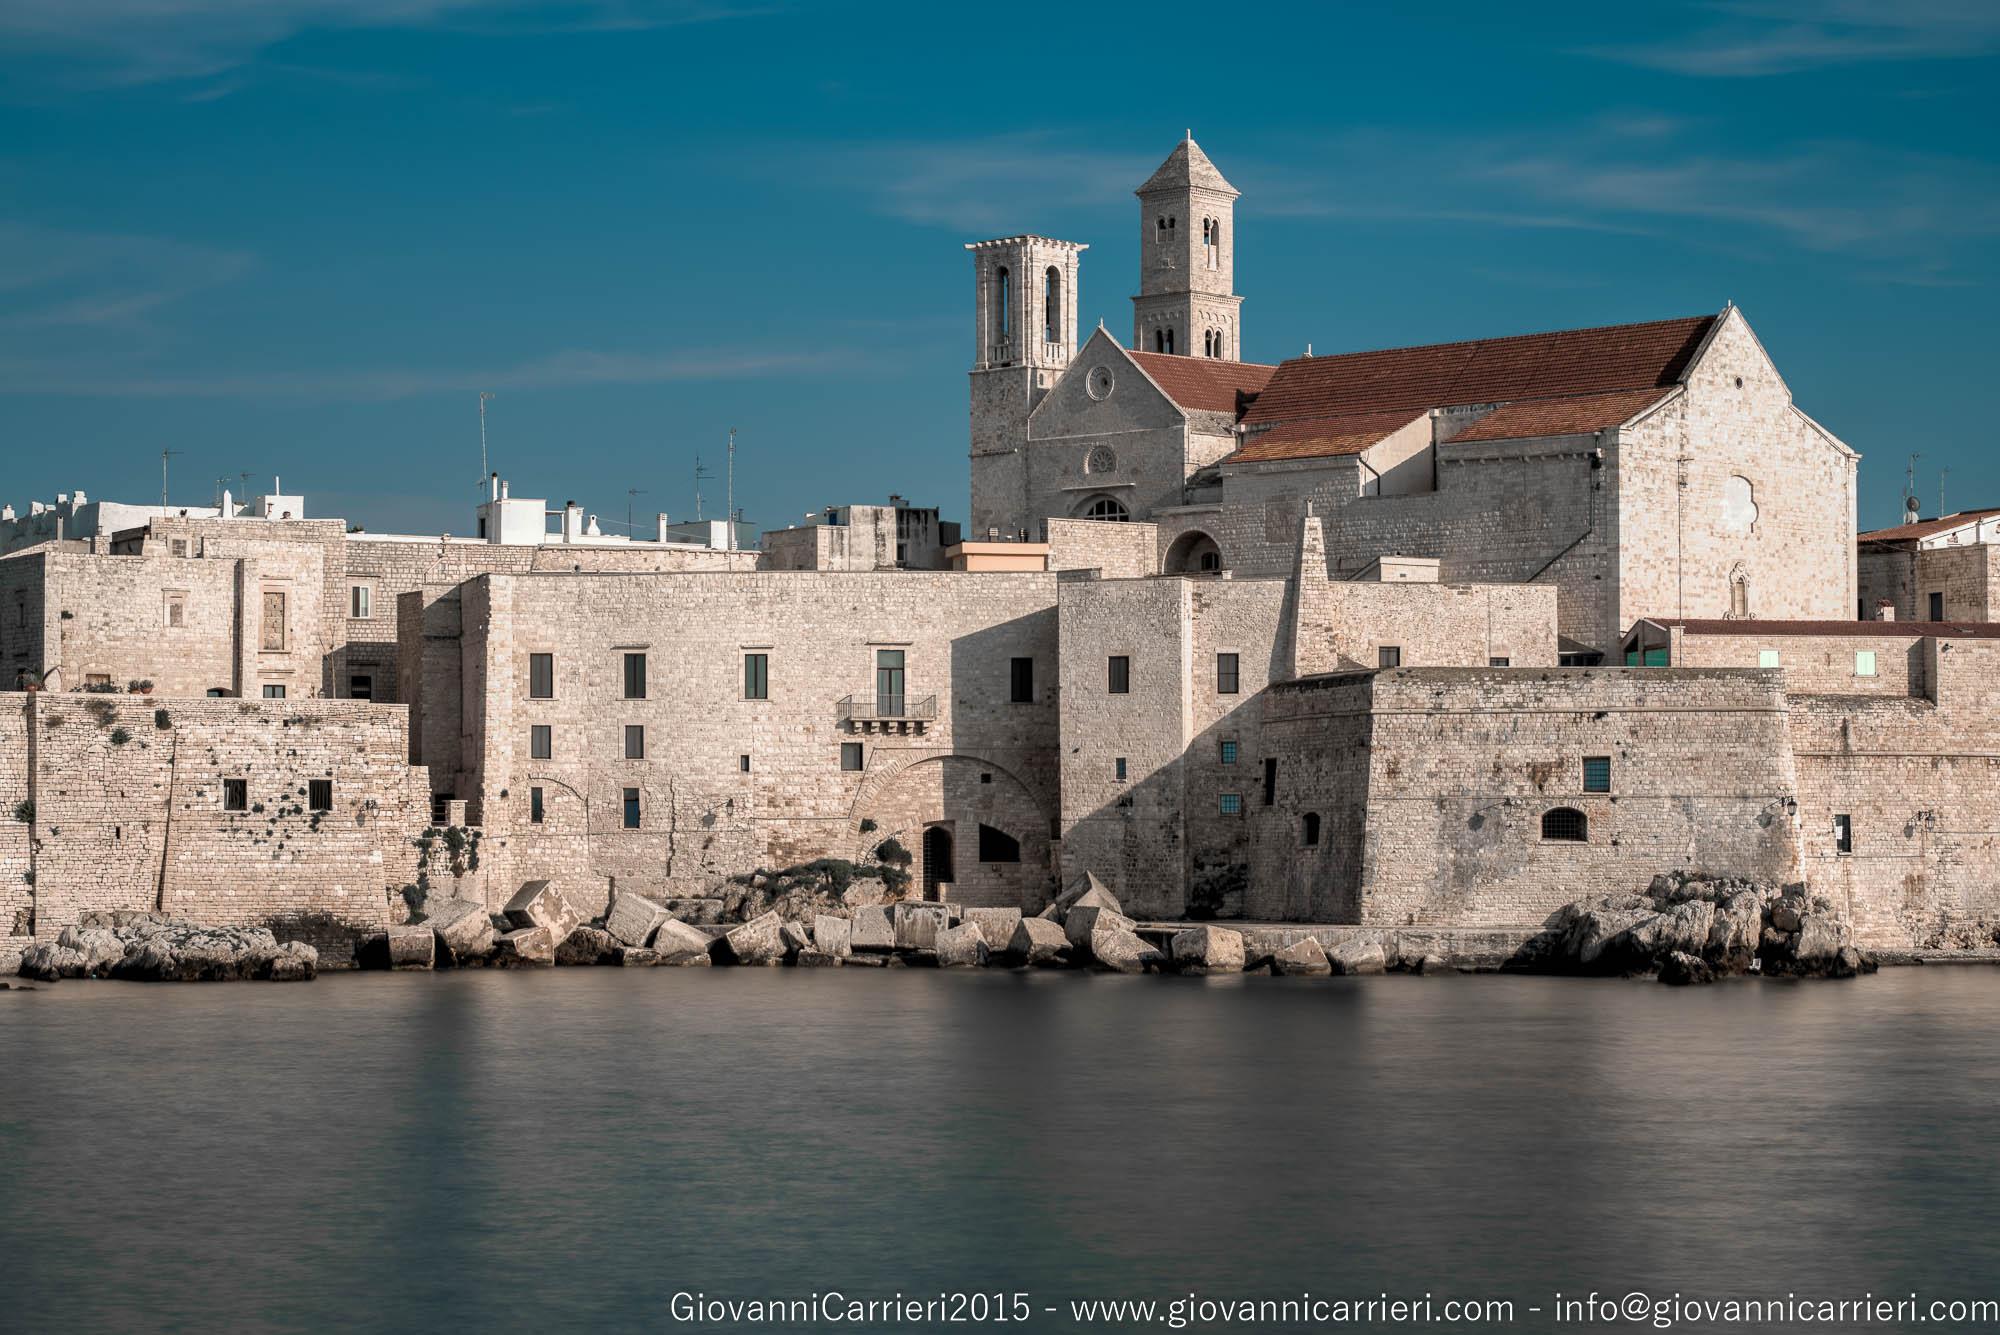 Particolare del porto di Giovinazzo, Bari Puglia